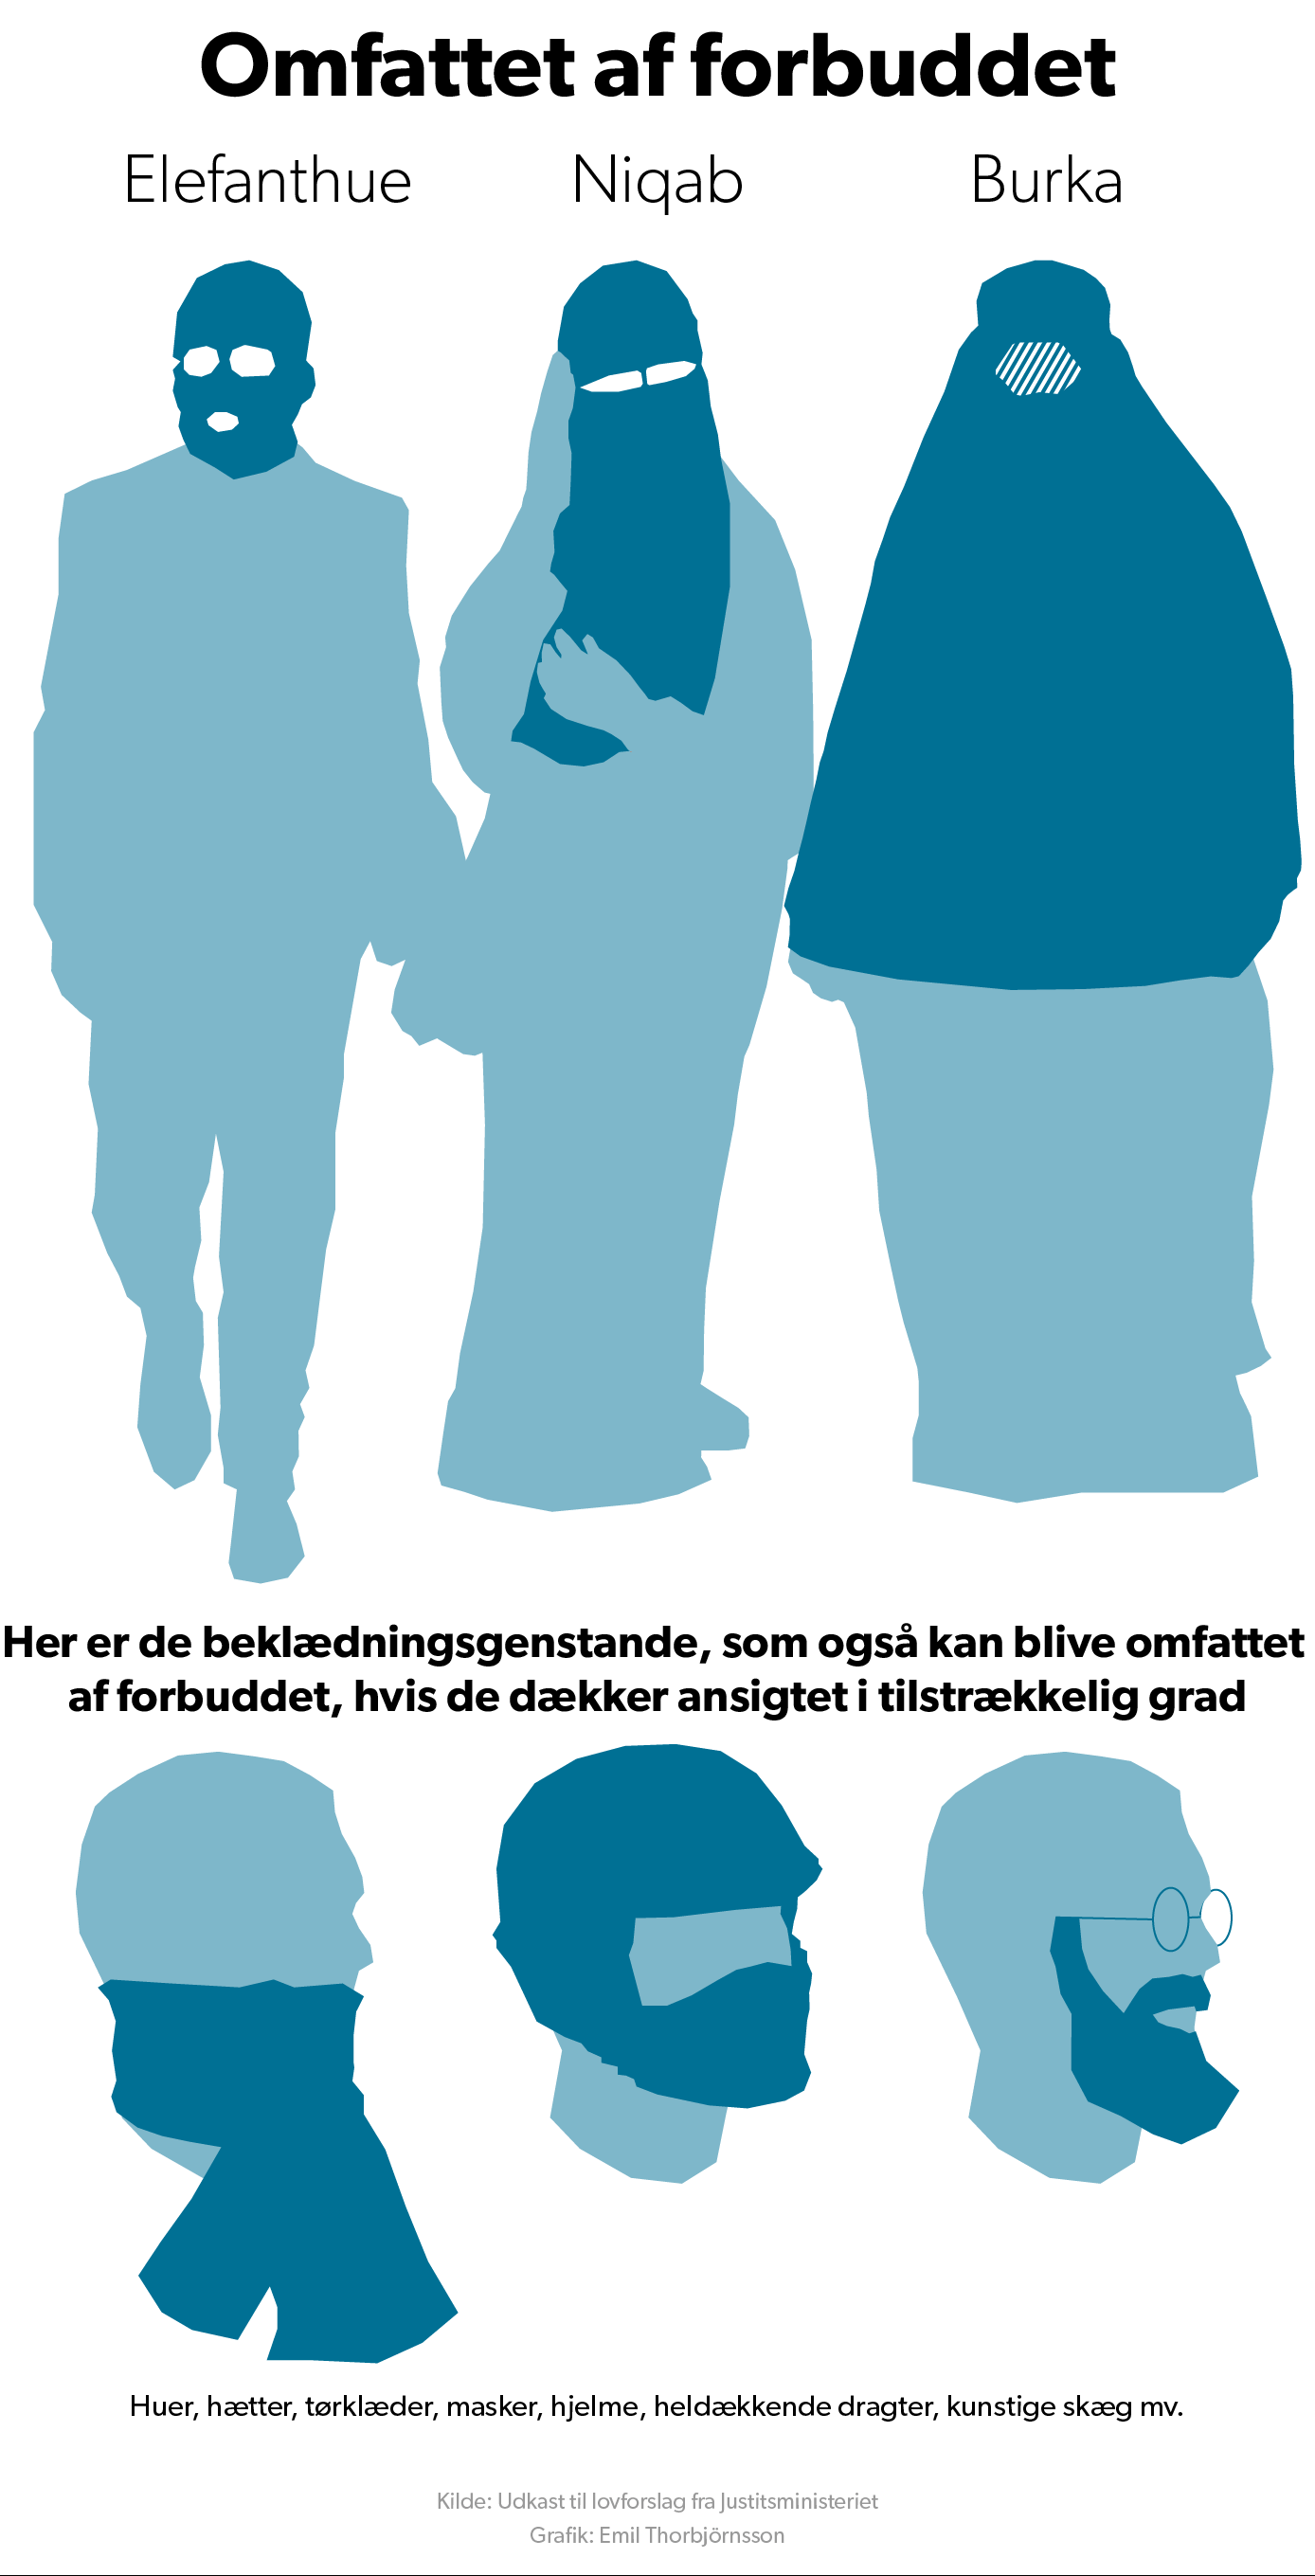 d_burka_forbud_v001_2.png